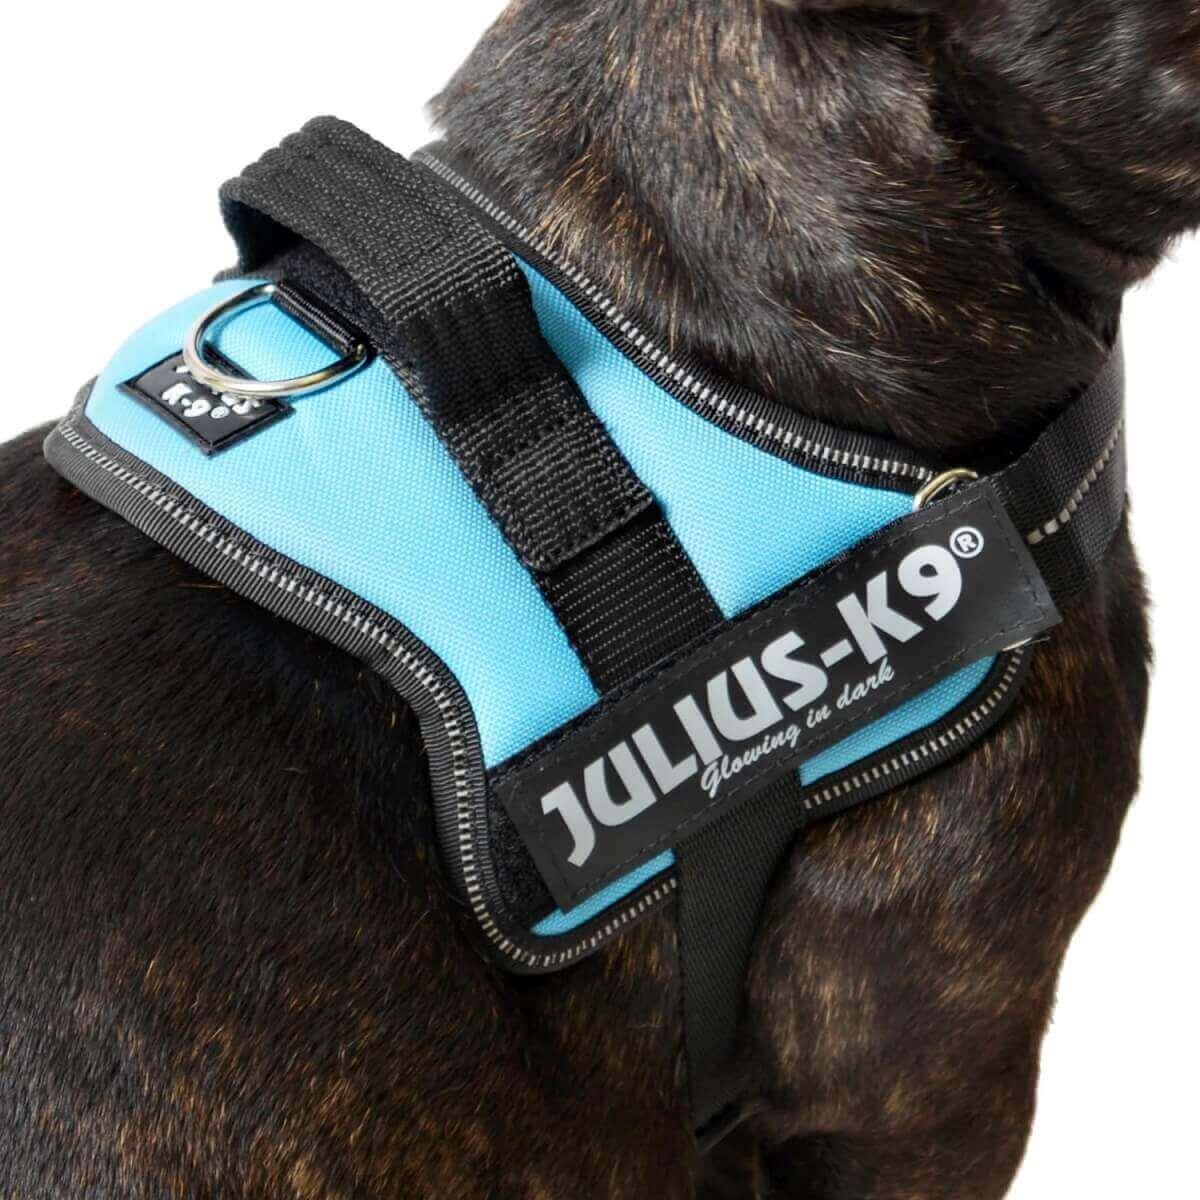 Harnais chien Power Julius-K9 aigue-marine_2